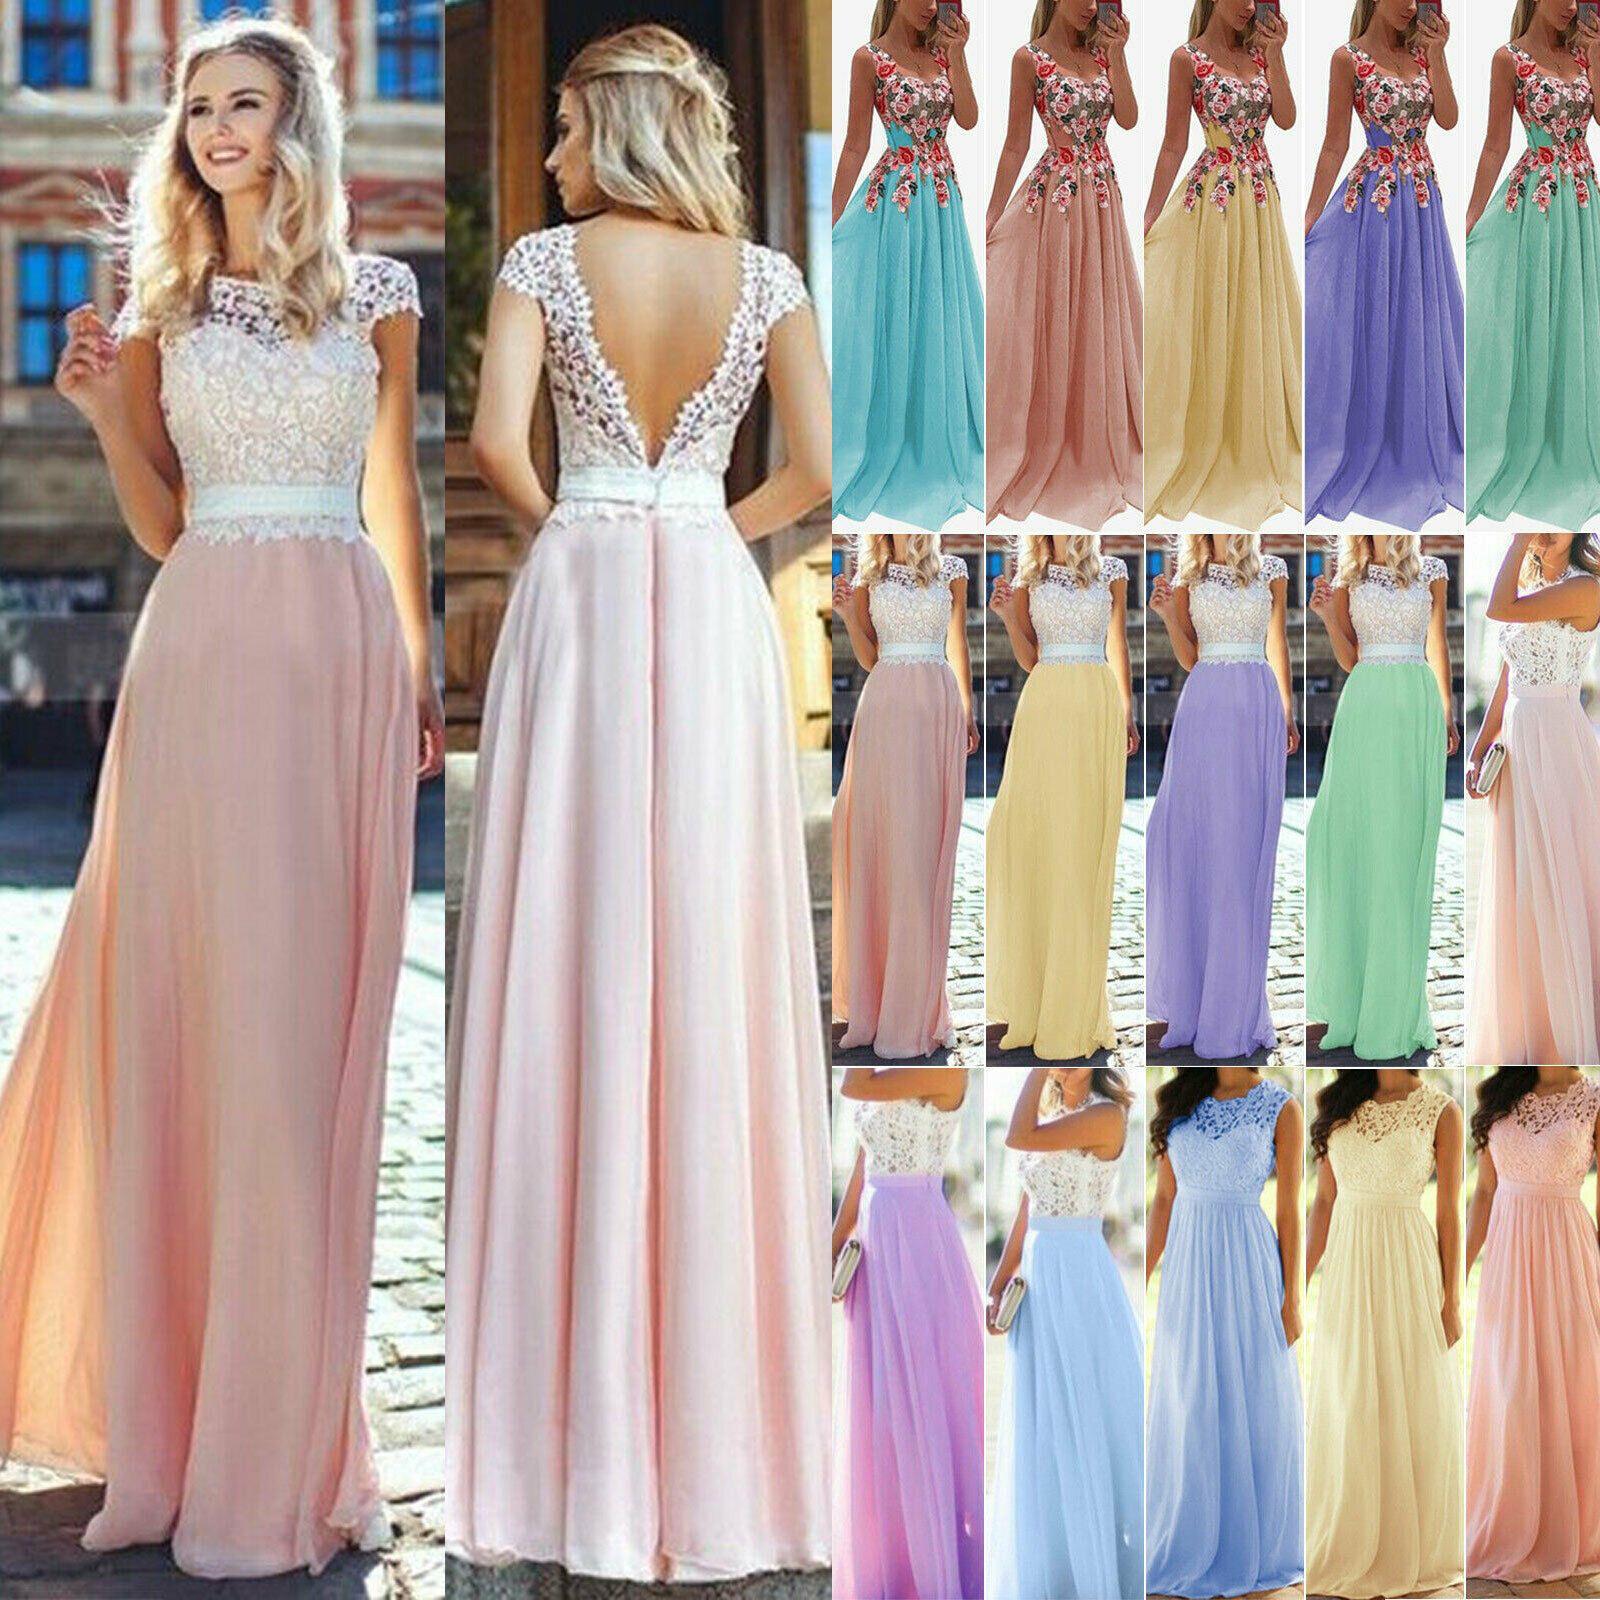 Erstaunlich Abend Dress Xl GalerieAbend Top Abend Dress Xl Design